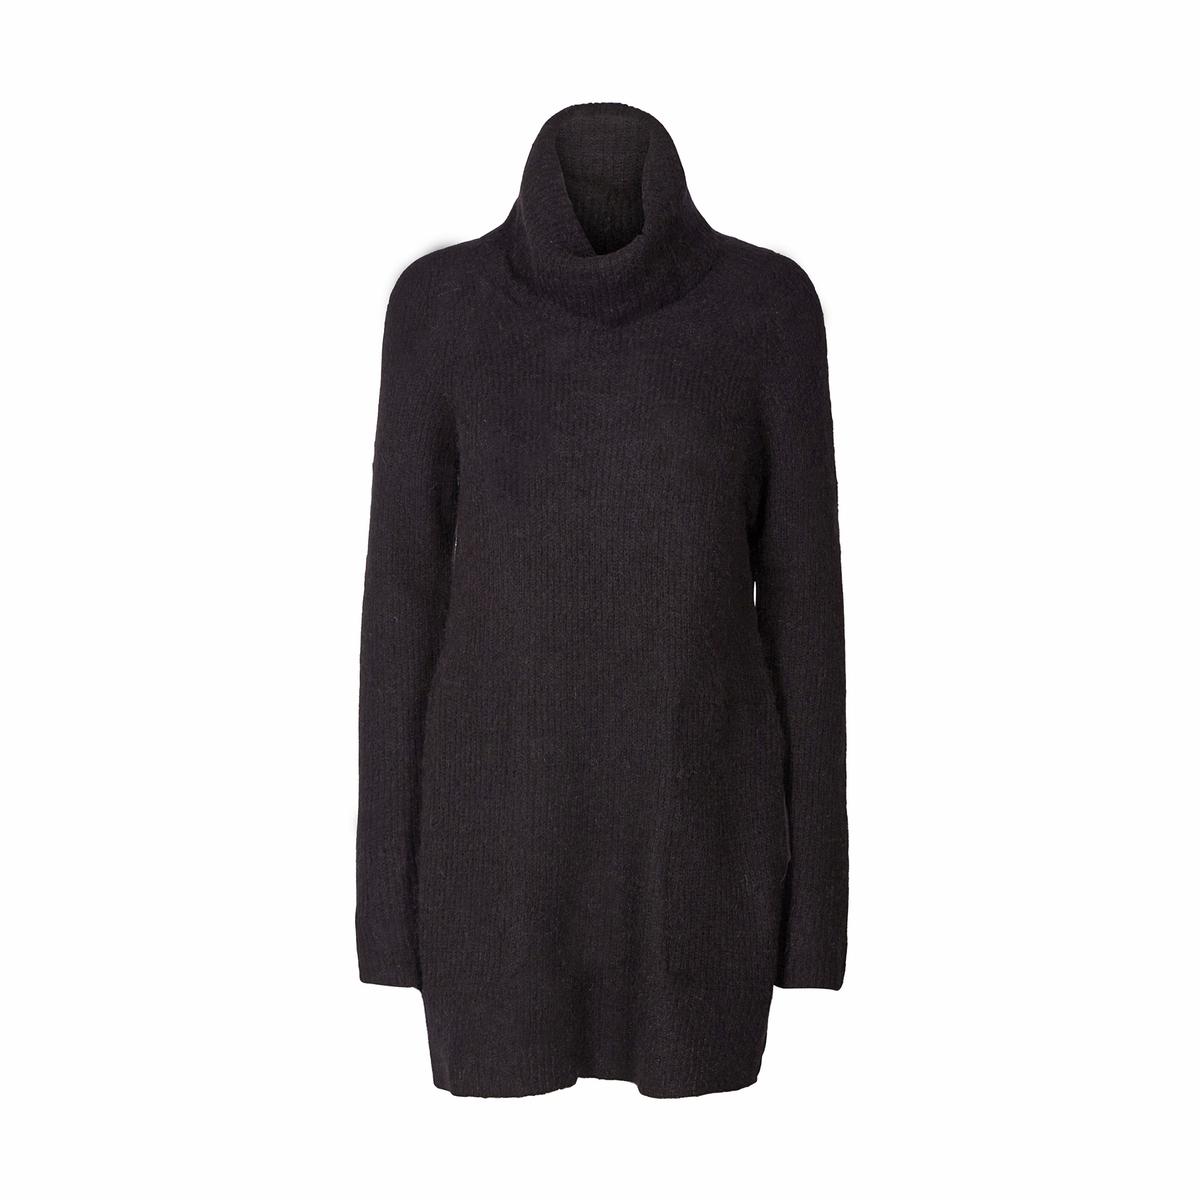 Пуловер с воротником с отворотом из тонкого трикотажа пуловер свободный с воротником с отворотом plunkett